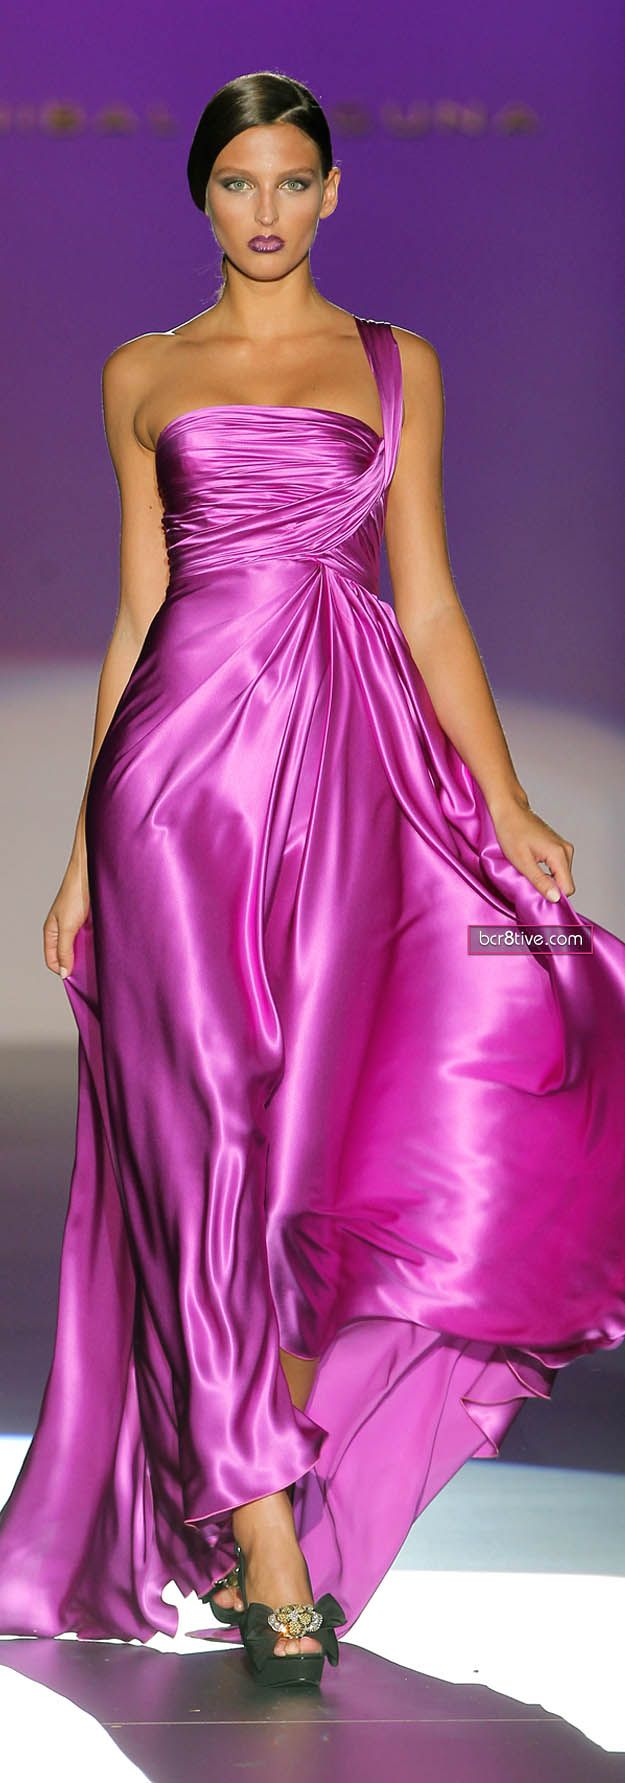 Lujoso Vestidos De Dama De Ralph Lauren Fotos - Vestido de Novia ...